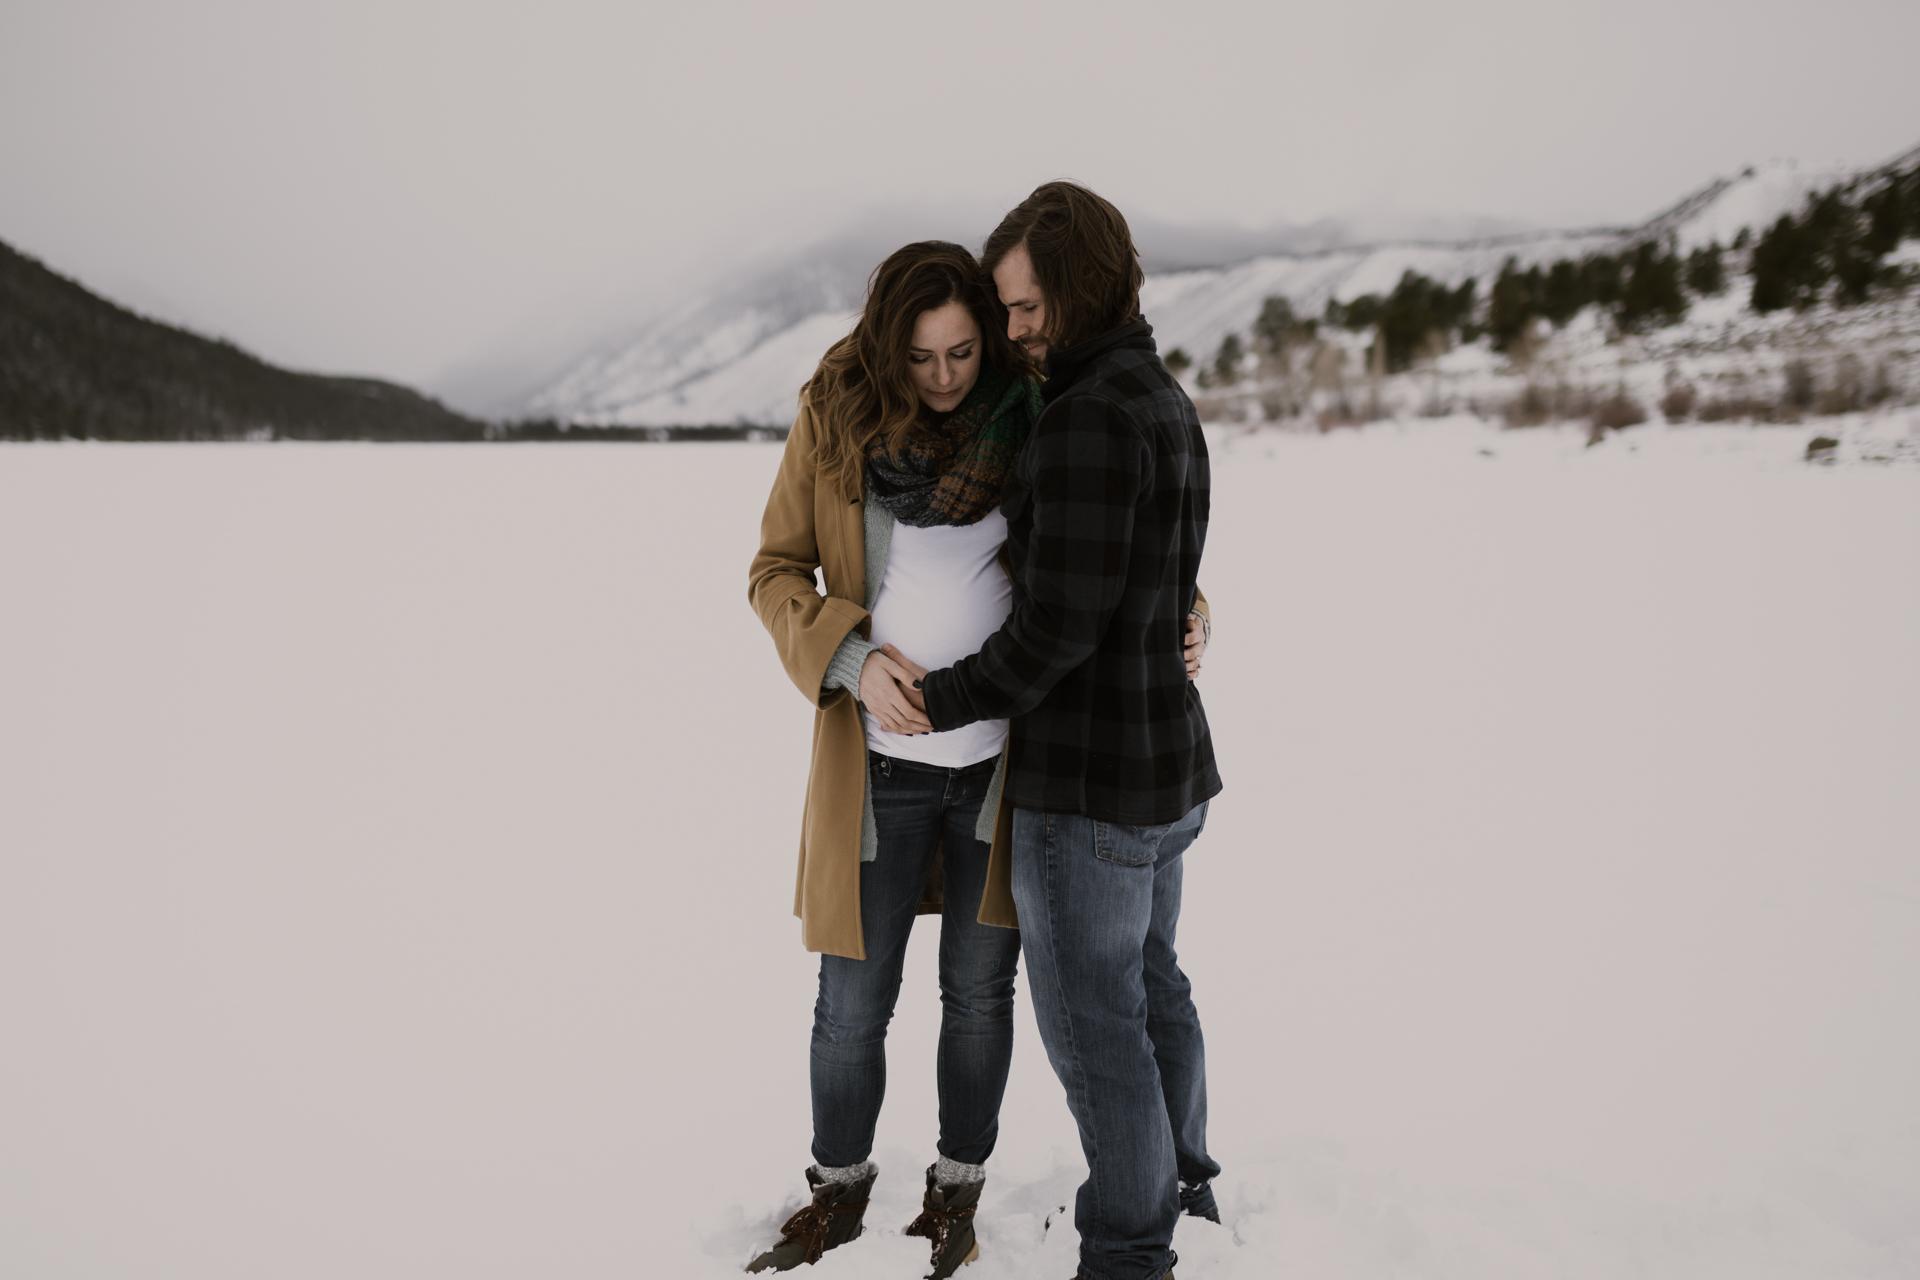 snowy-mountain-colorado-couples-shoot-10.jpg